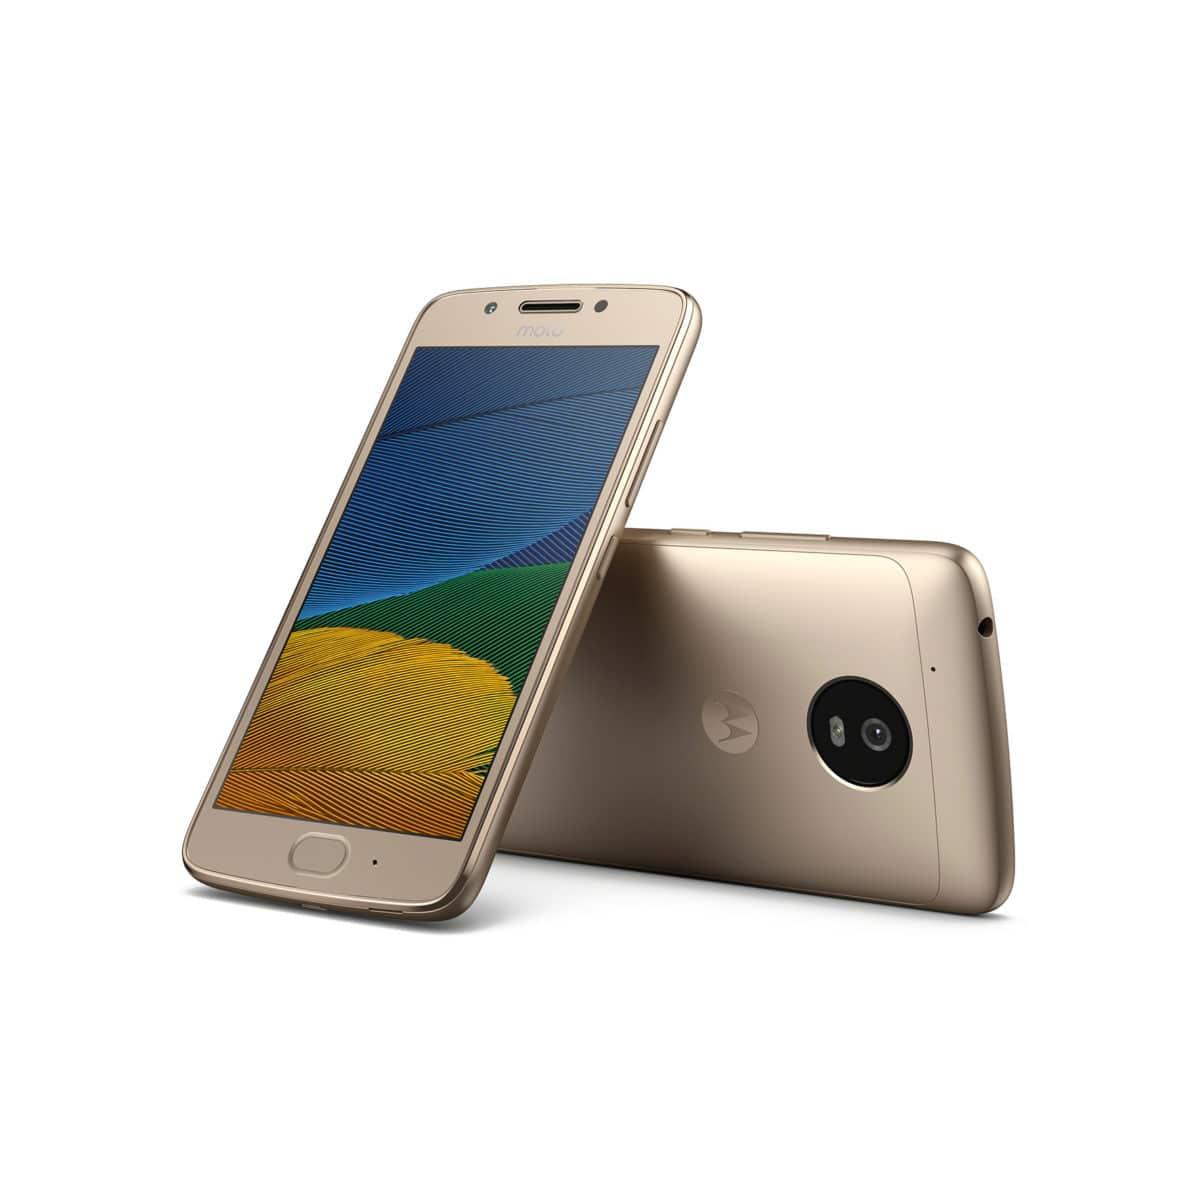 Moto G5 und Moto G5 Plus #PremiumForAll sind ab sofort im Handel erhältlich 1